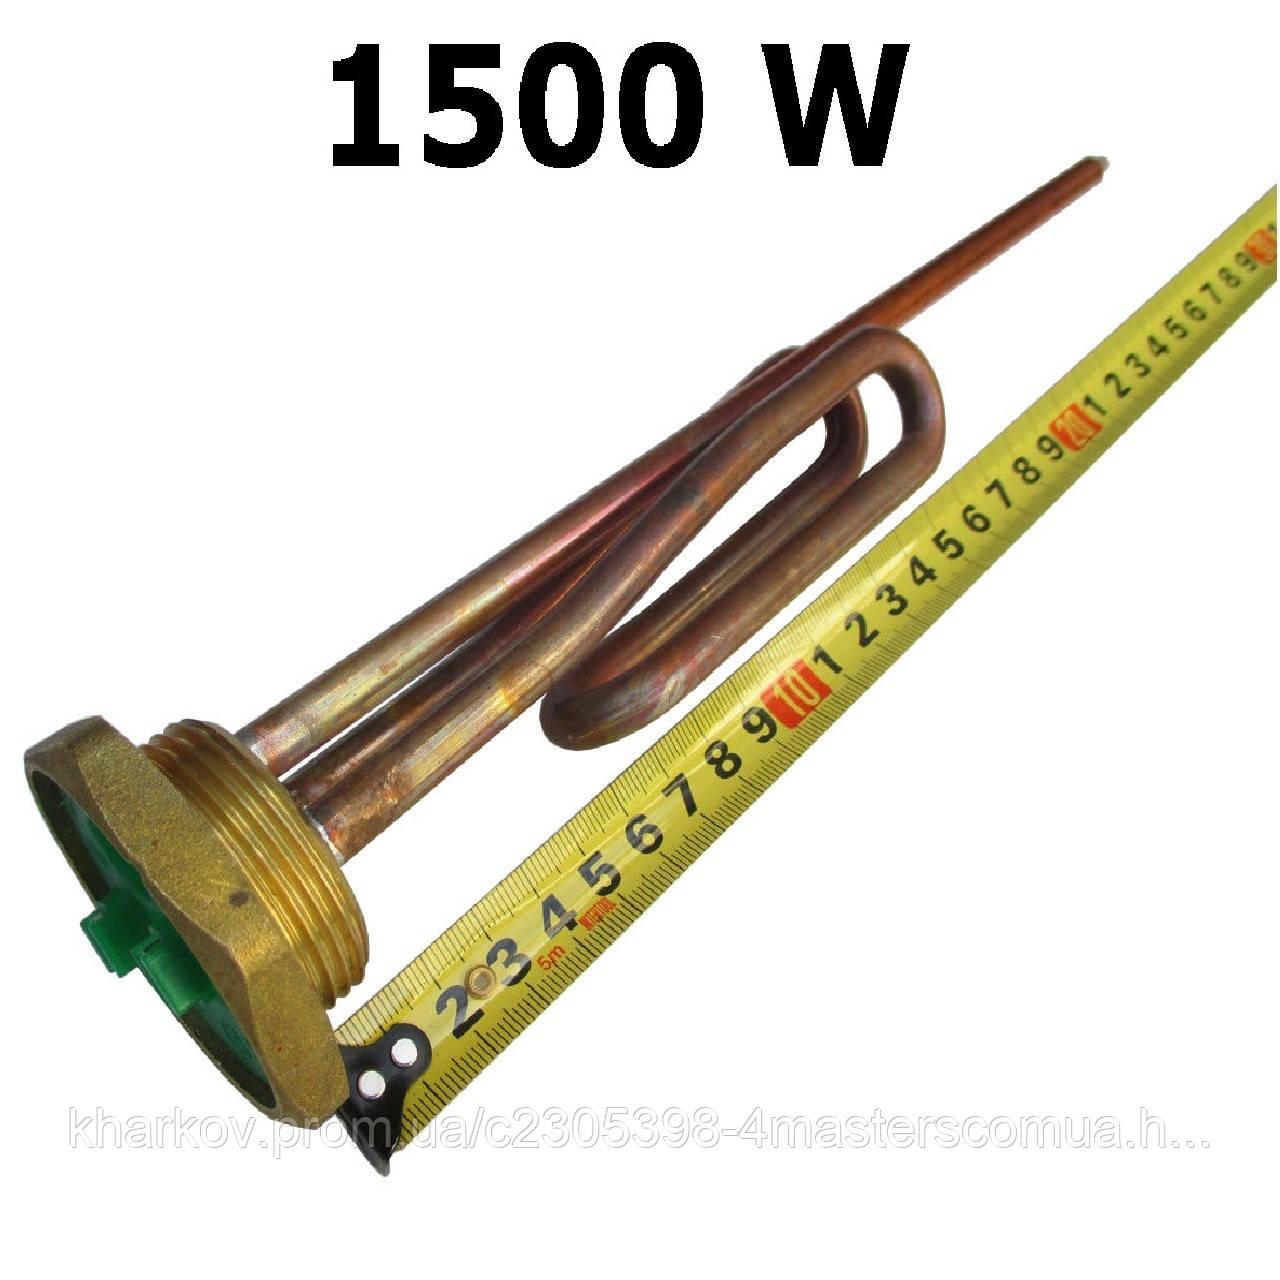 ТЭН для бойлера 1,5 кВт, резьбовой медный